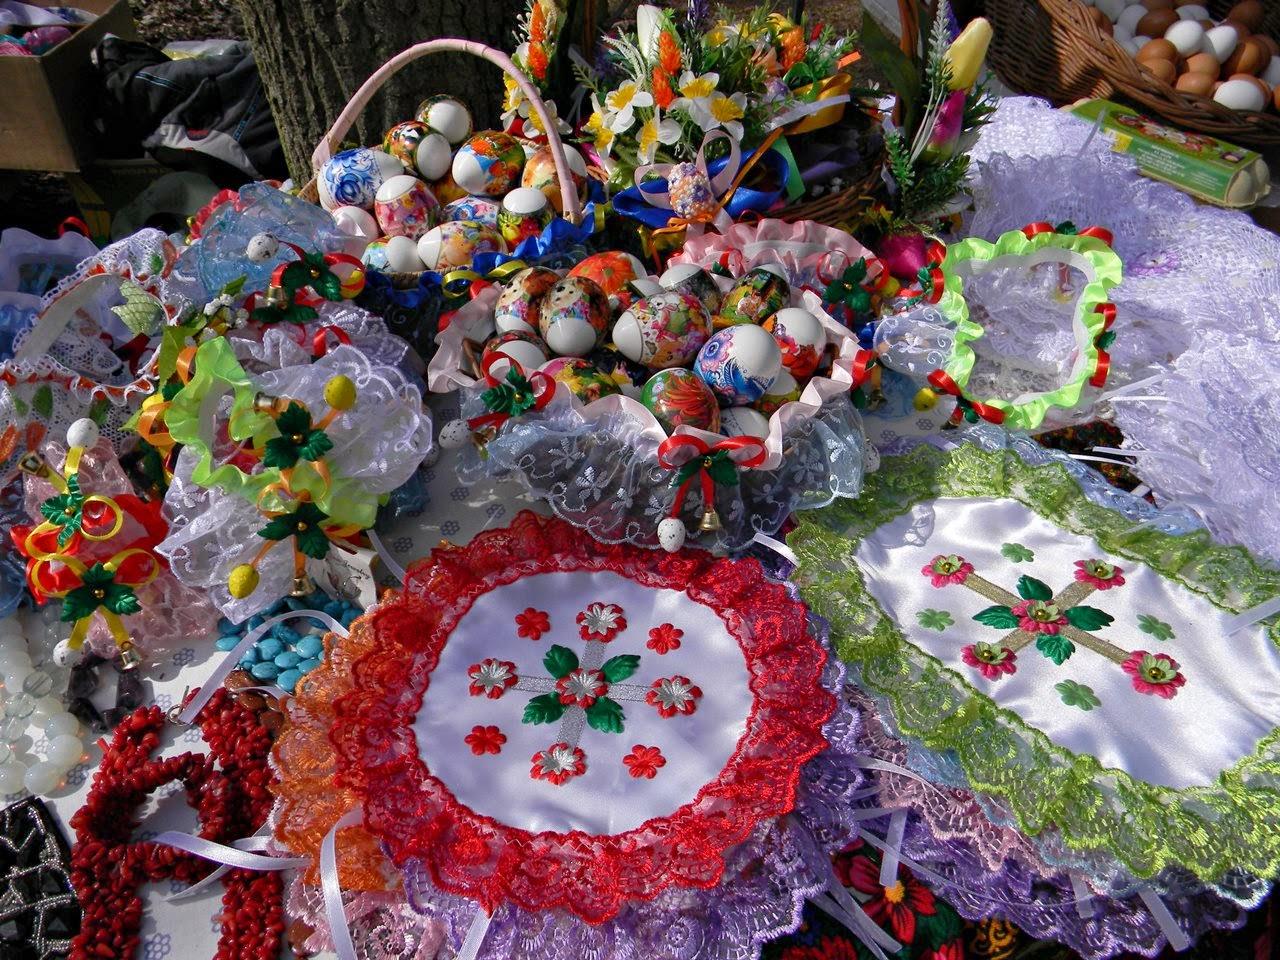 targi rękodzieła, koronki, jaja, serwetki, kwiaty